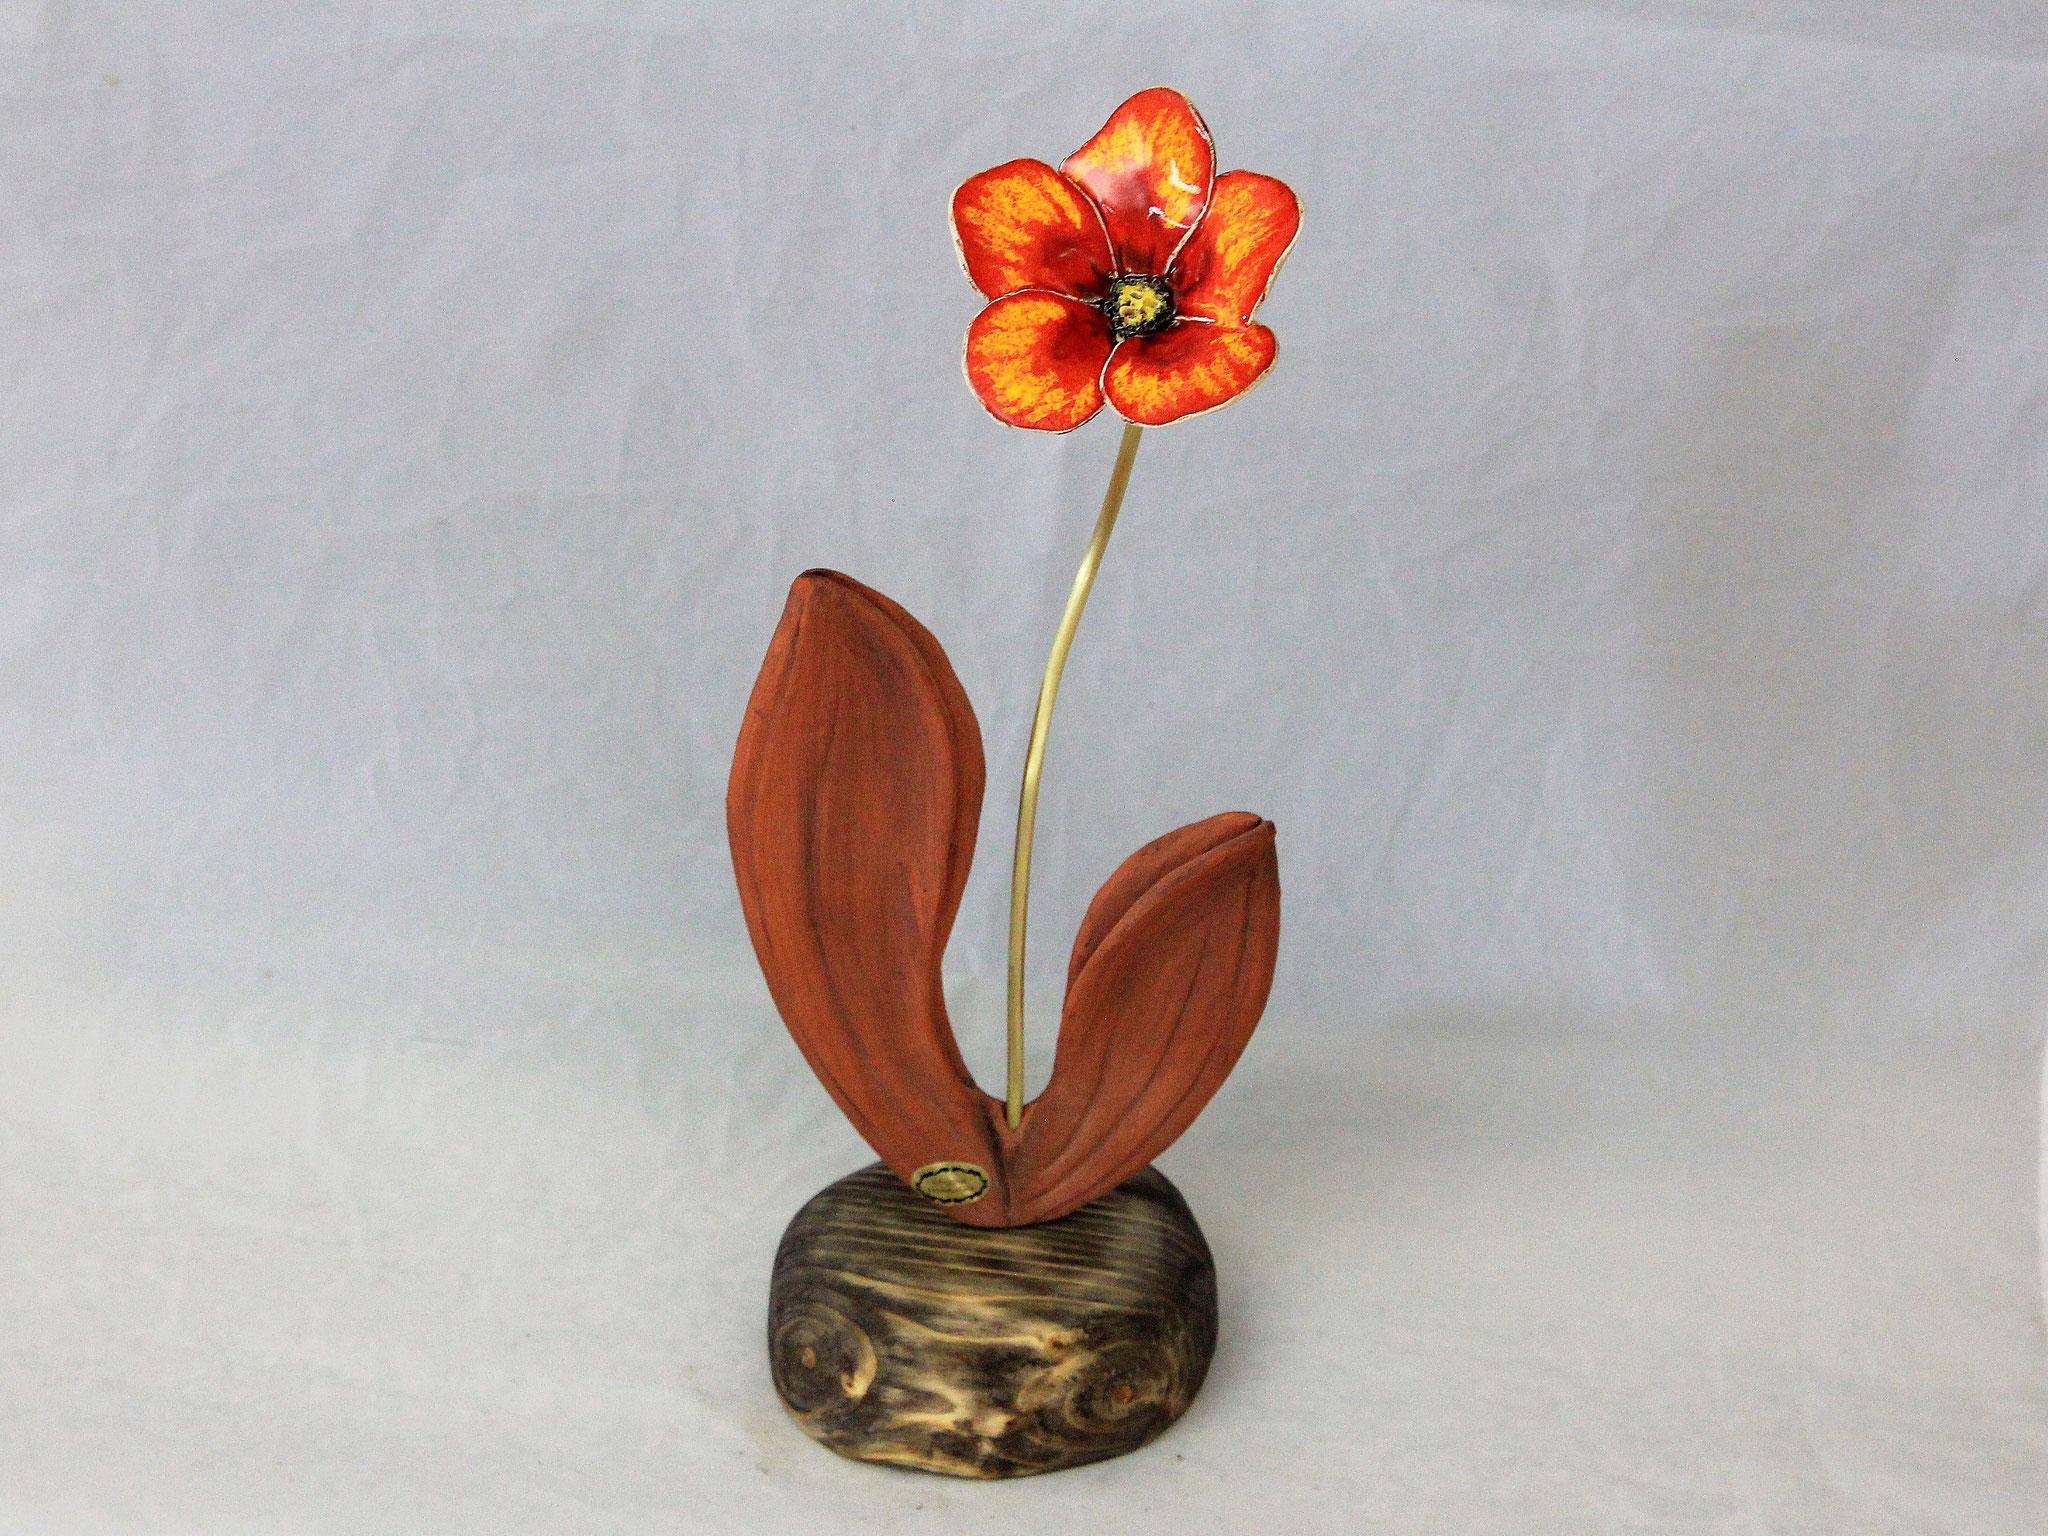 Skulptur, Blume,Blumenarrangement, Akzente, Blüten, Wohndekor